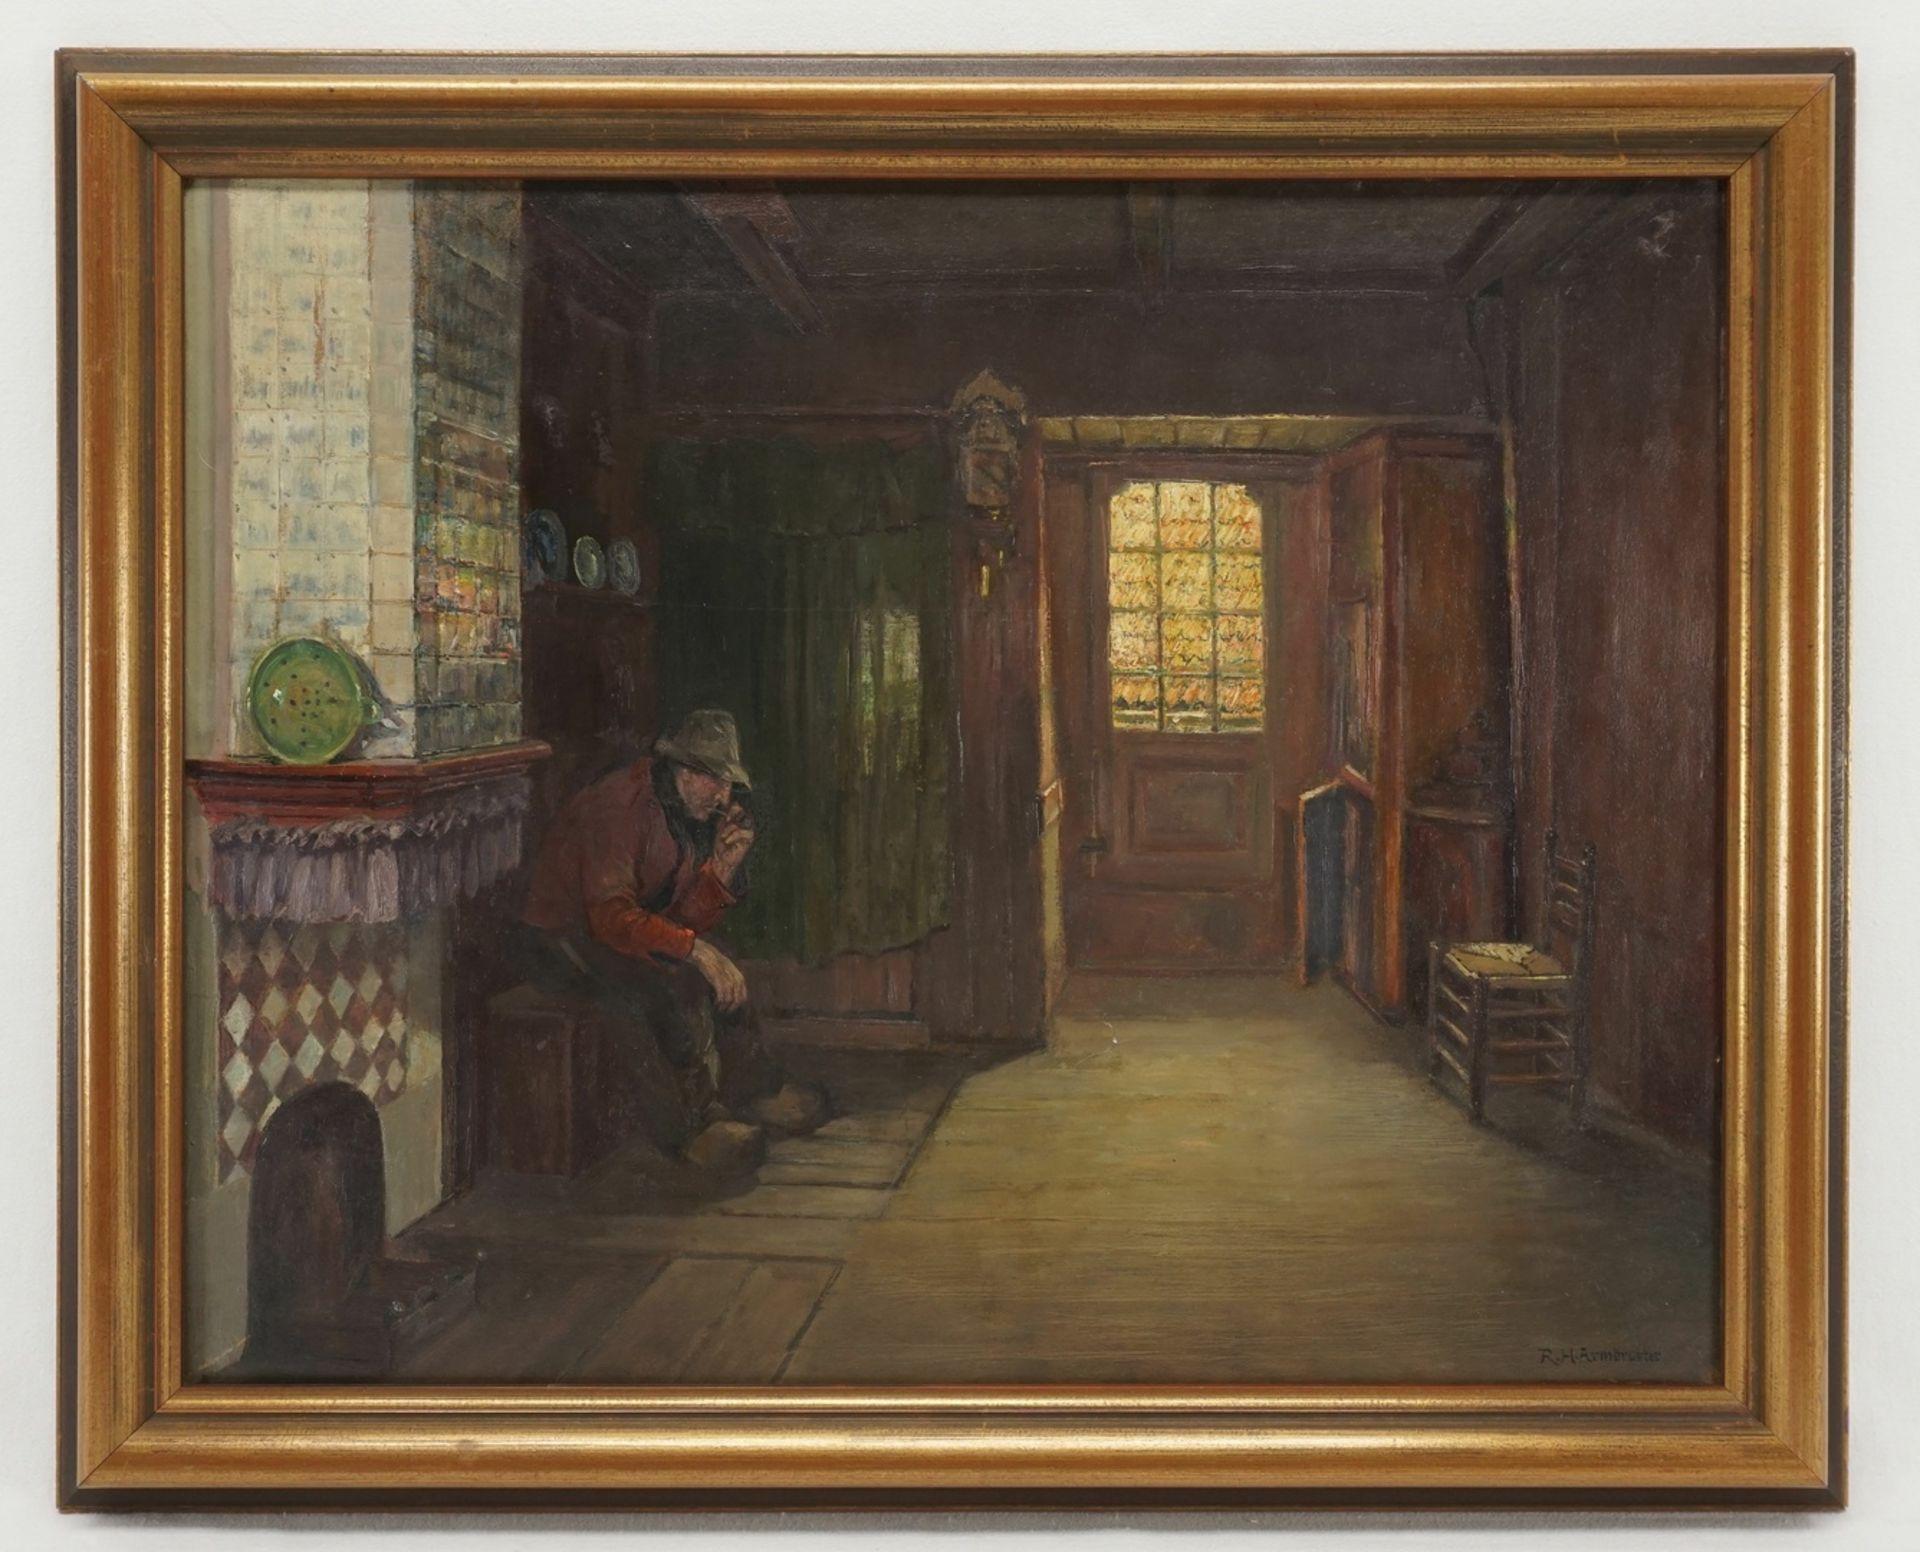 Rudolf Heinrich Armbruster, Holländisches Interieur mit Pfeiferaucher - Bild 2 aus 4